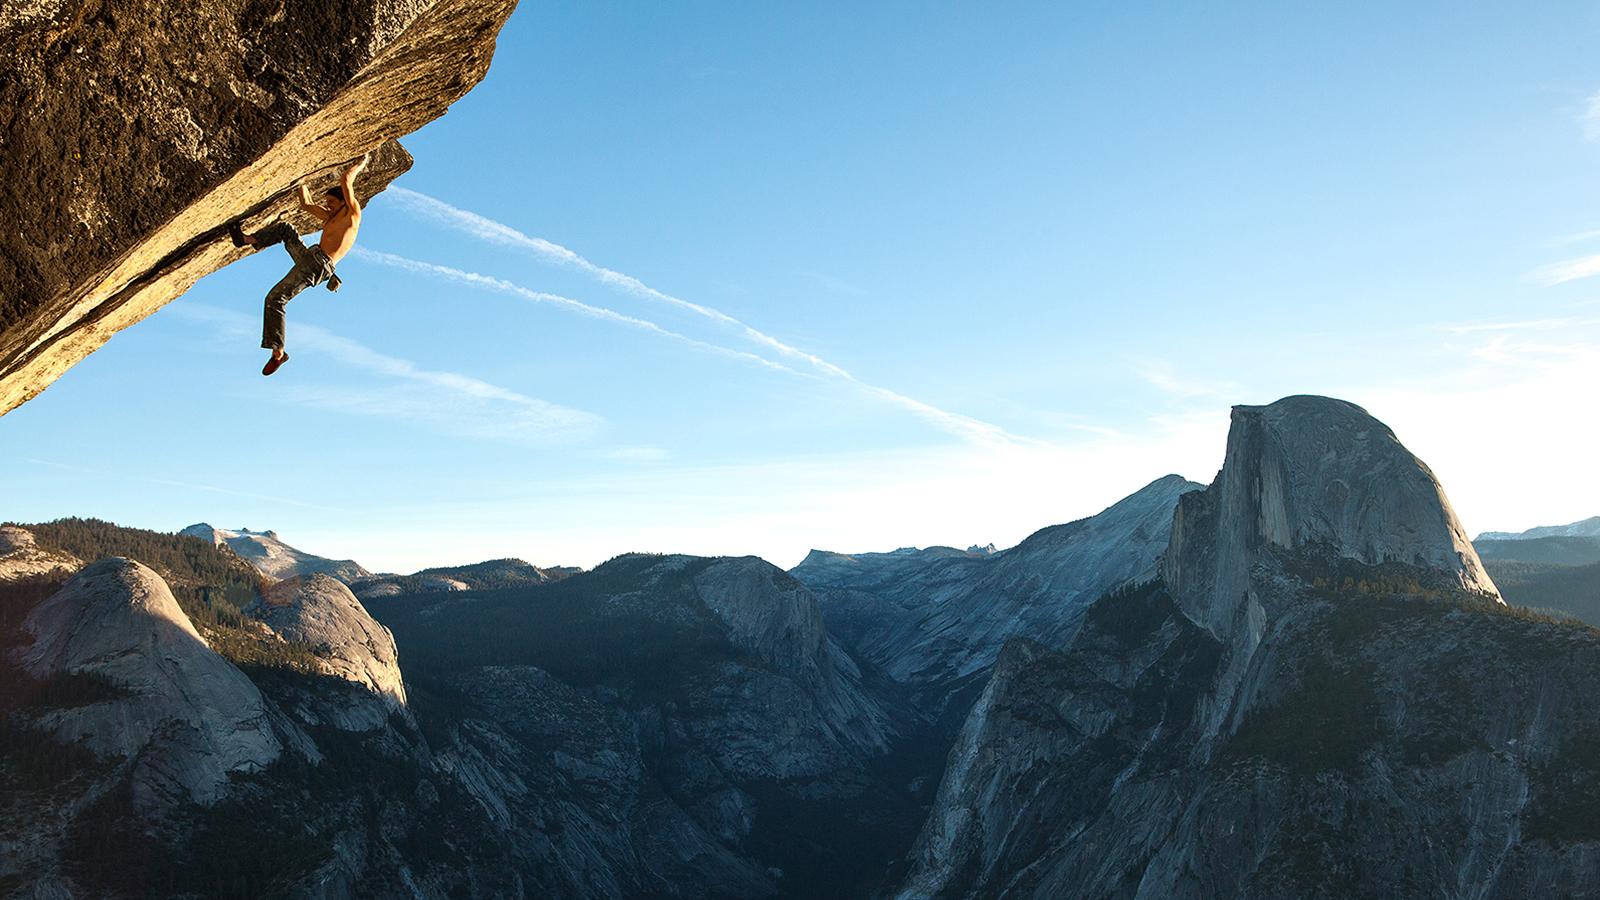 природа горы спорт скалолазание  № 3295484 без смс